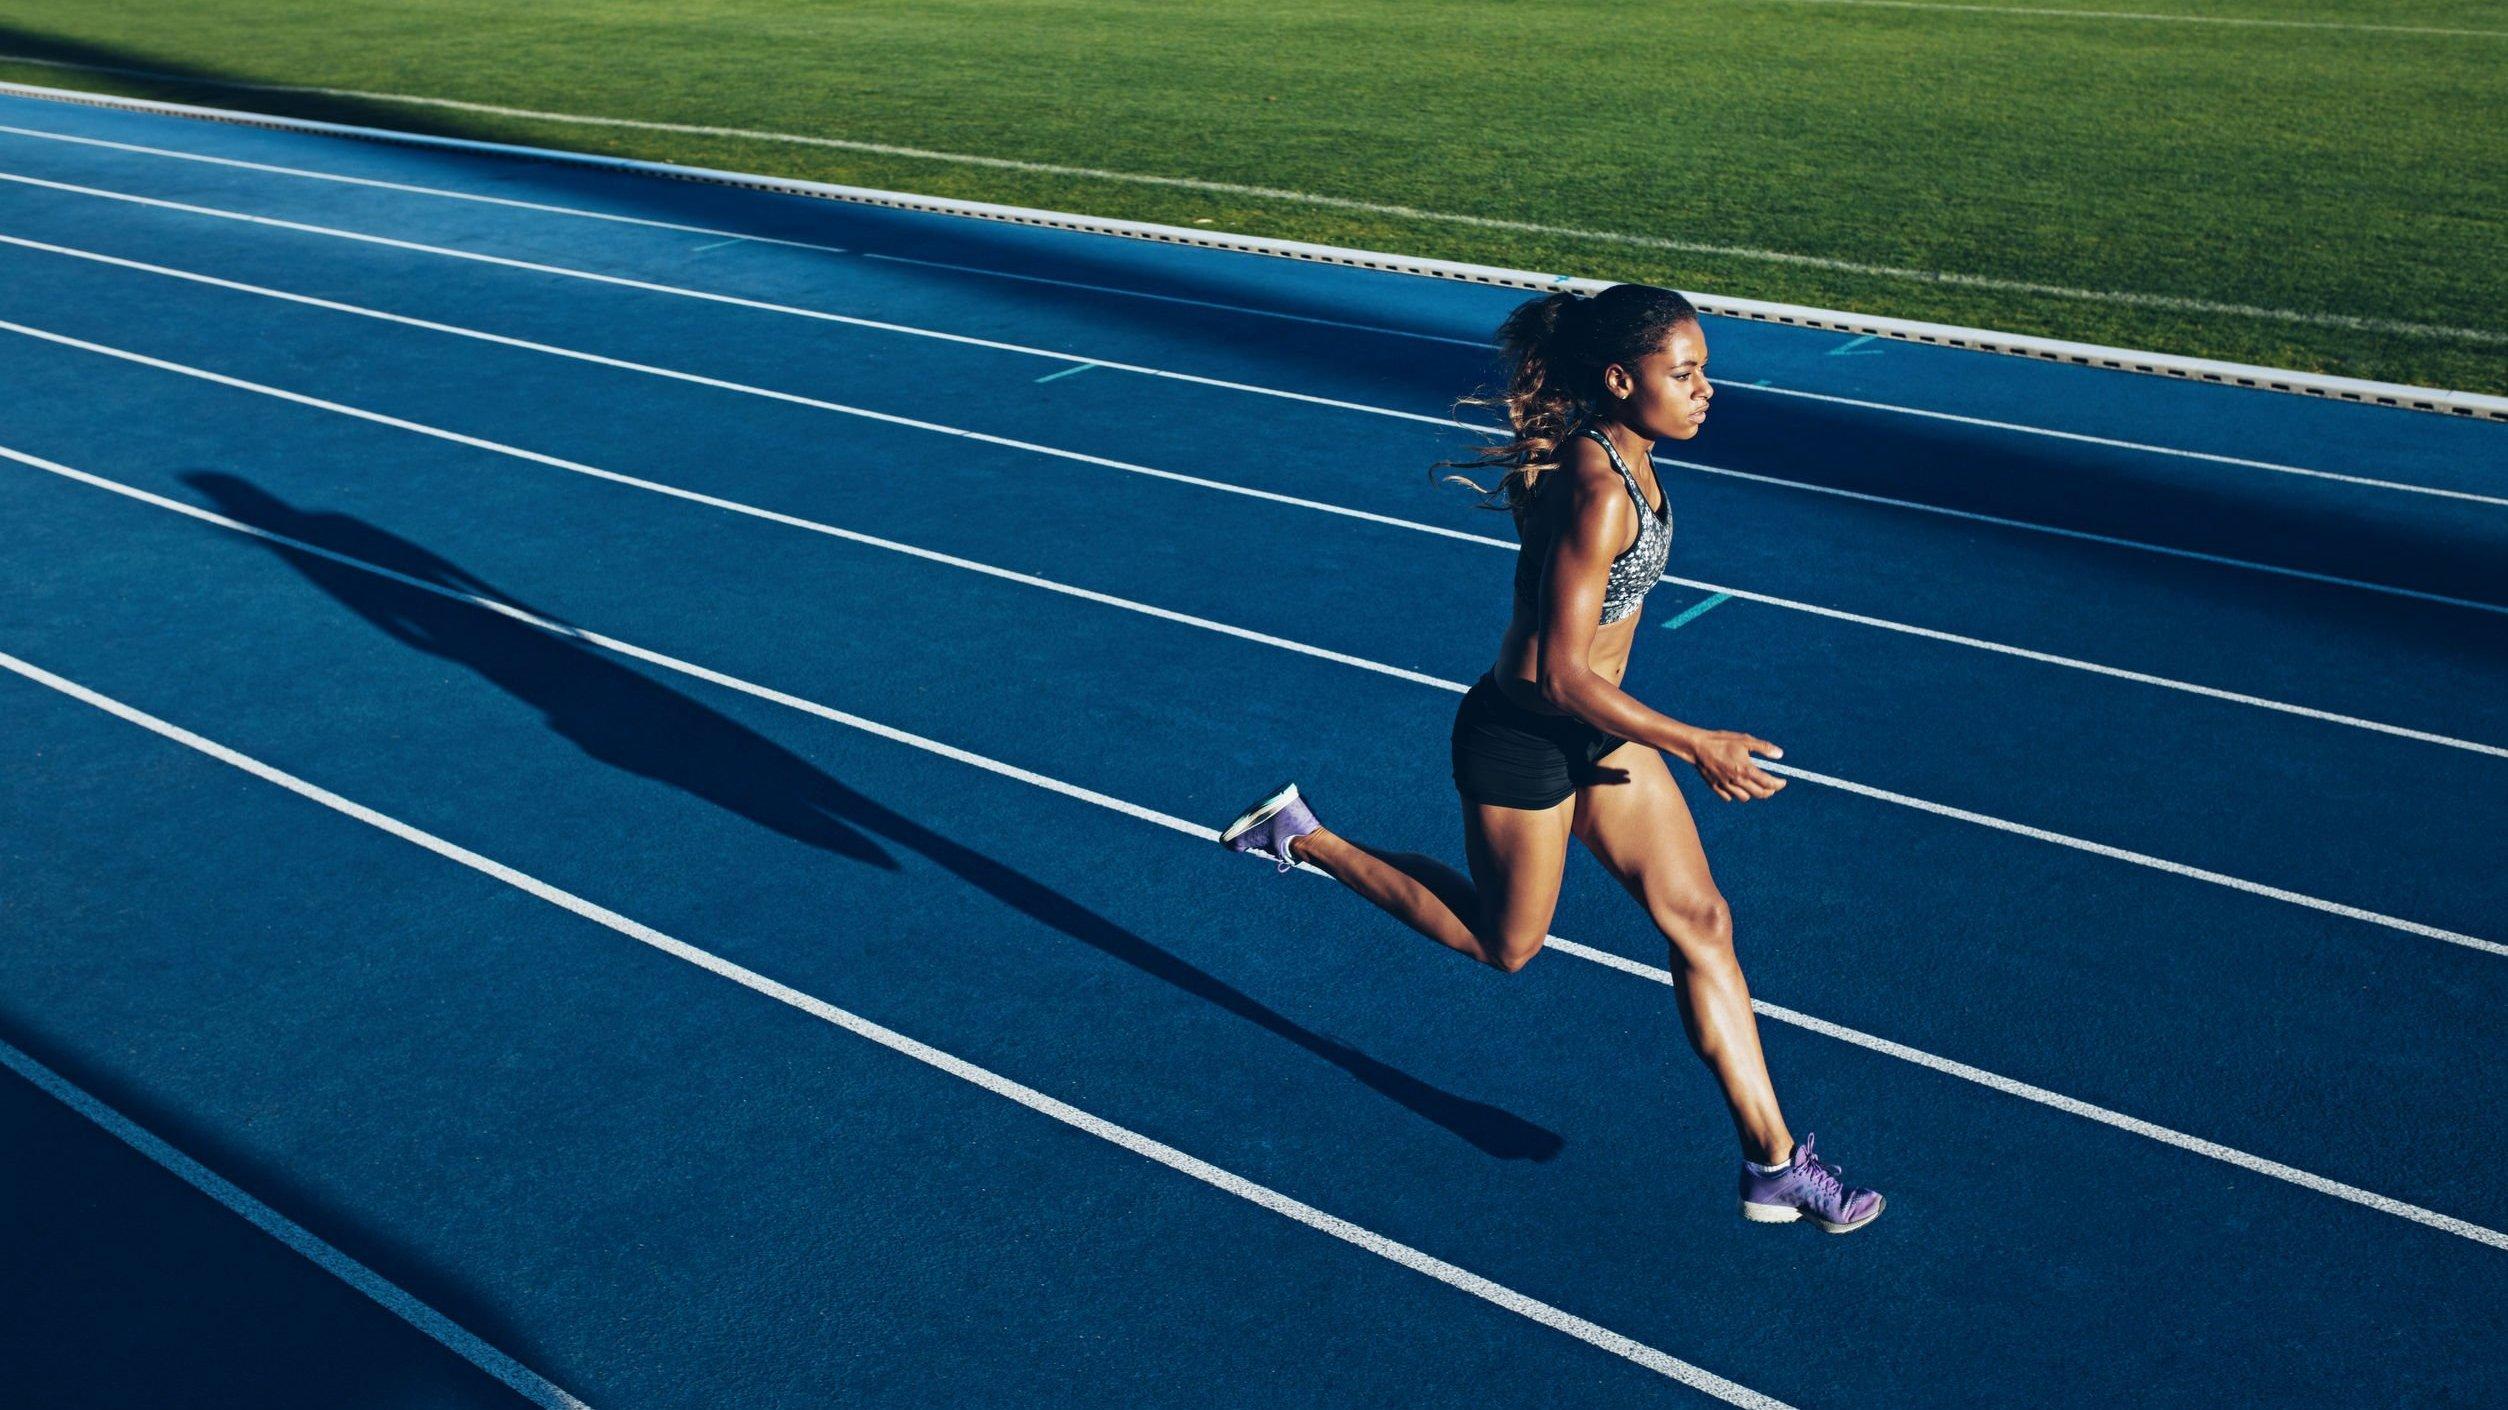 Mulher atleta correndo em pista de de corrida.